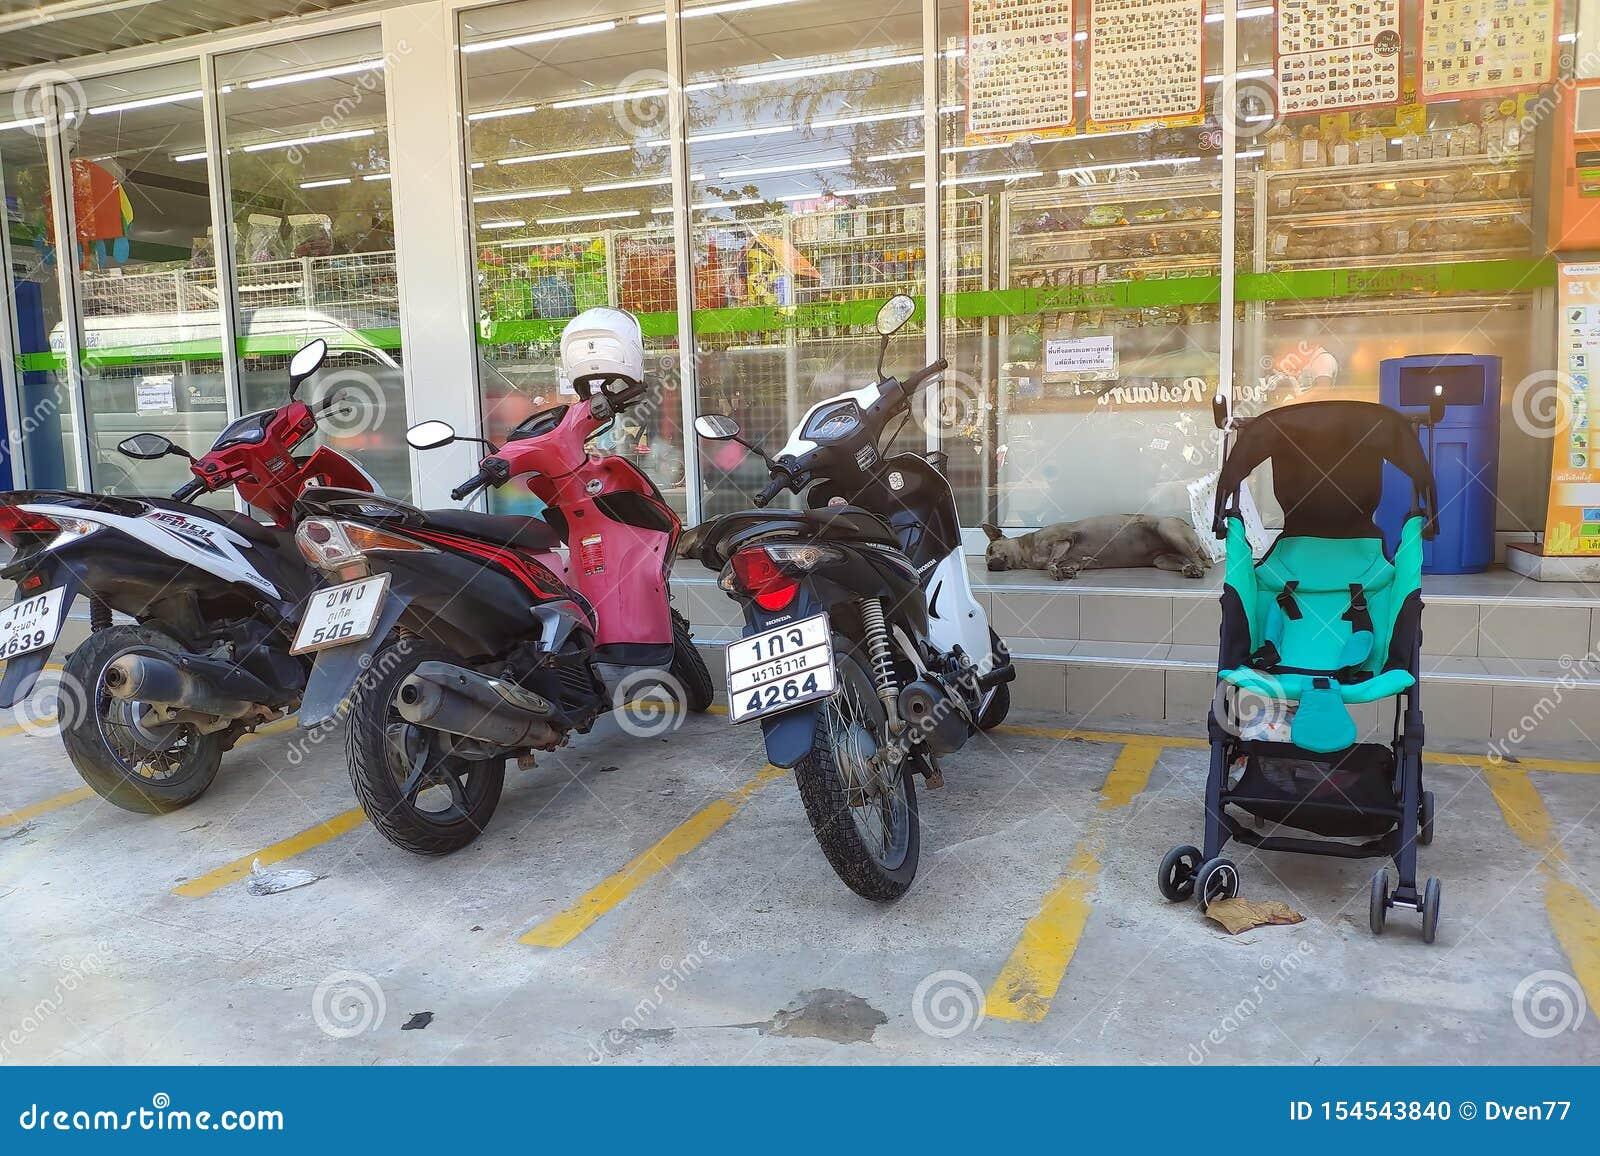 La Thaïlande, Phuket - 23 février 2019 : Stationnement de moto et une poussette de bébé dans un parking devant le magasin Tours d